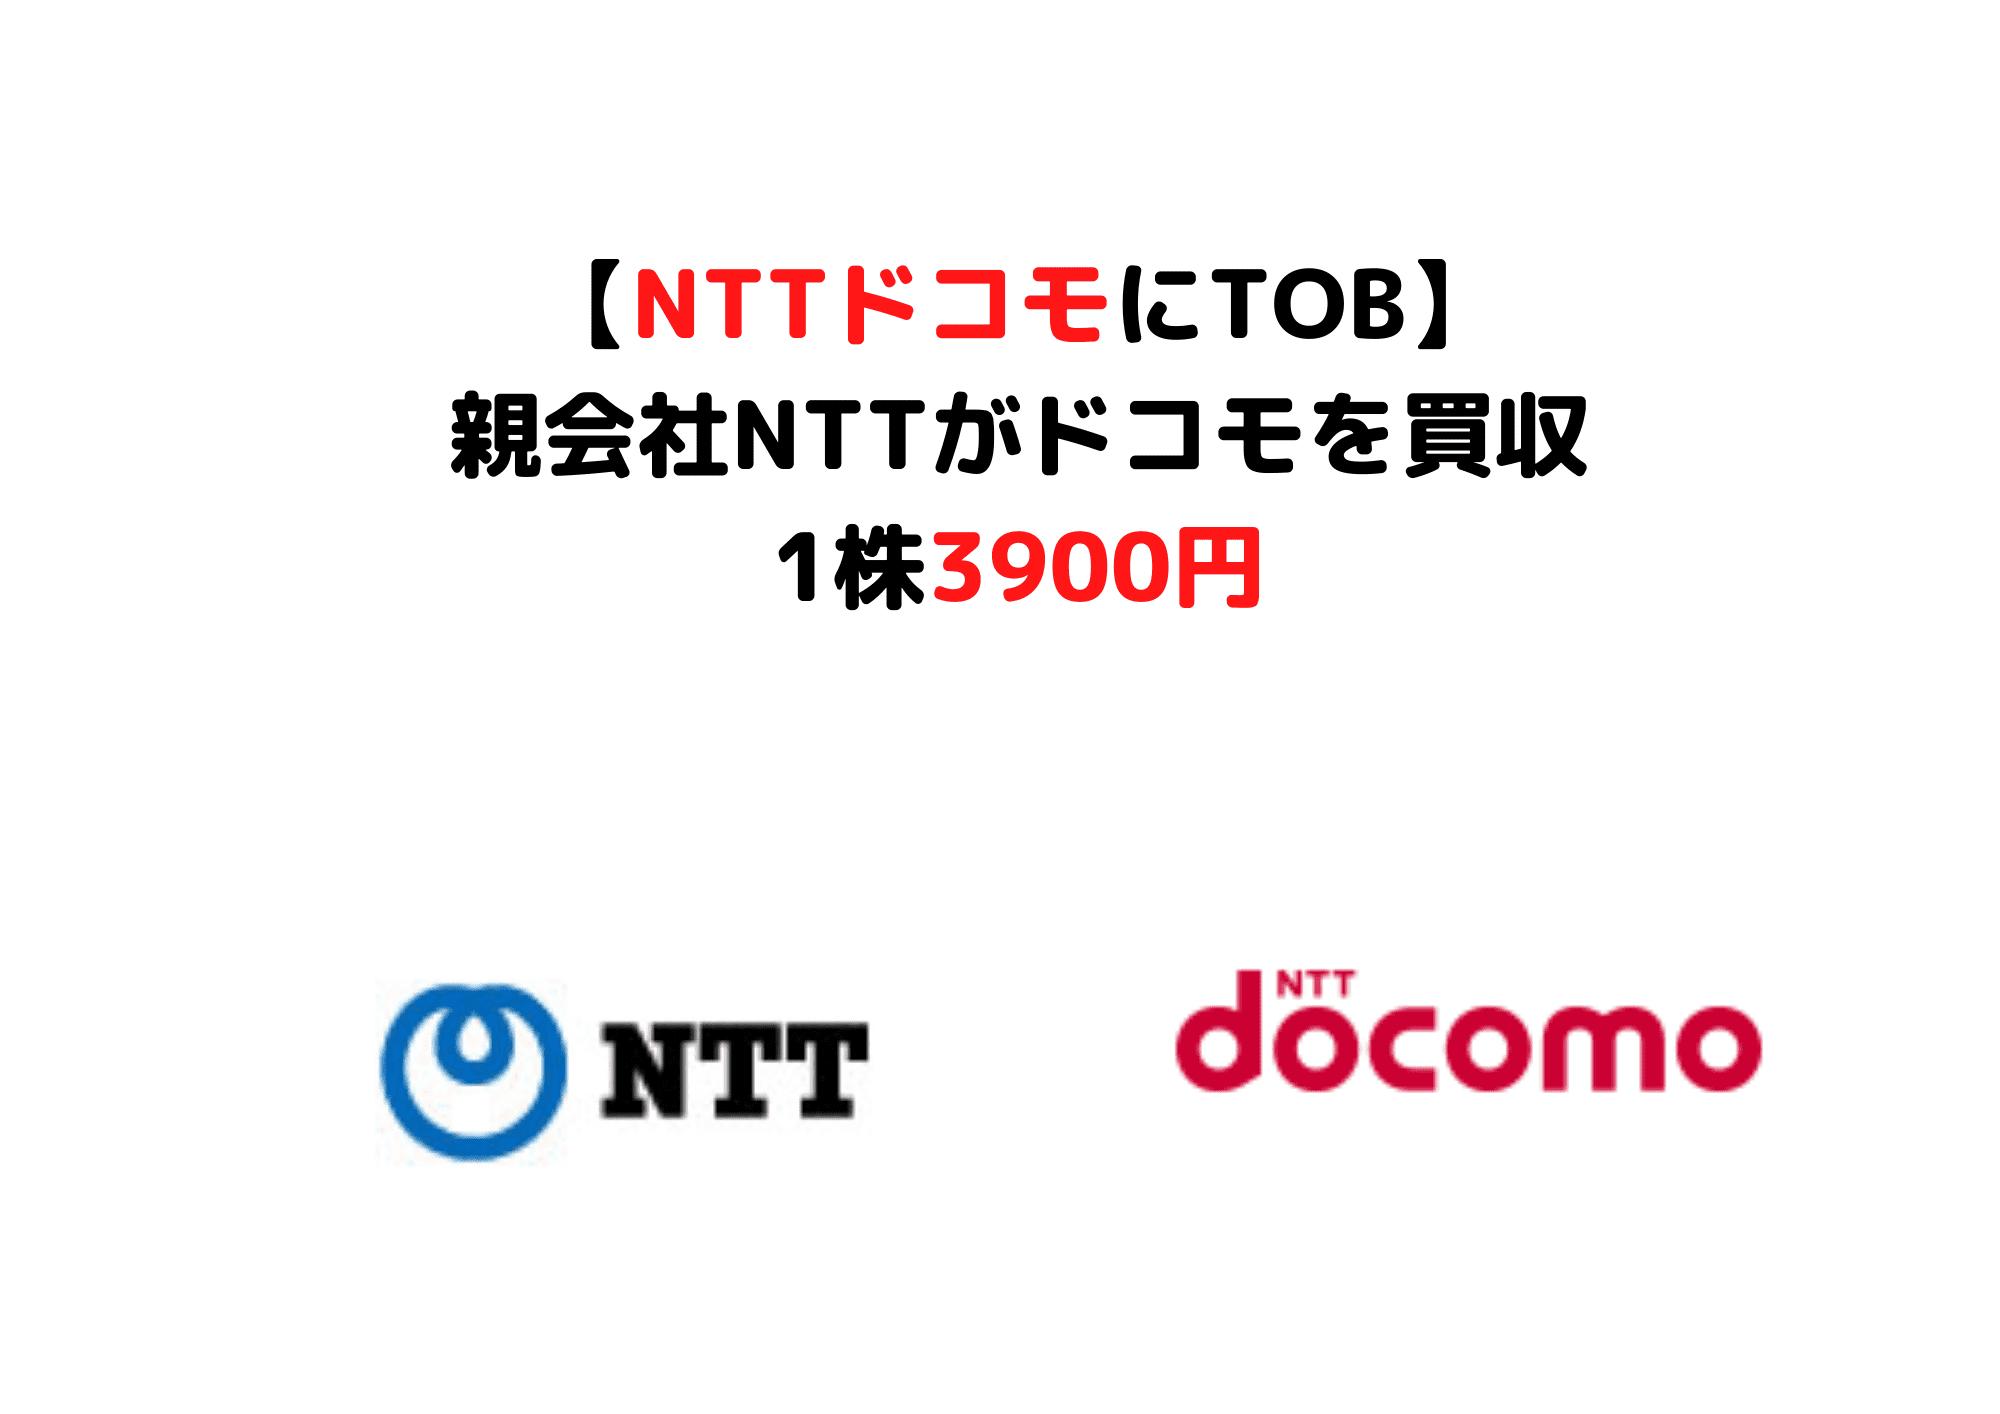 NTTドコモ、NTT (1)